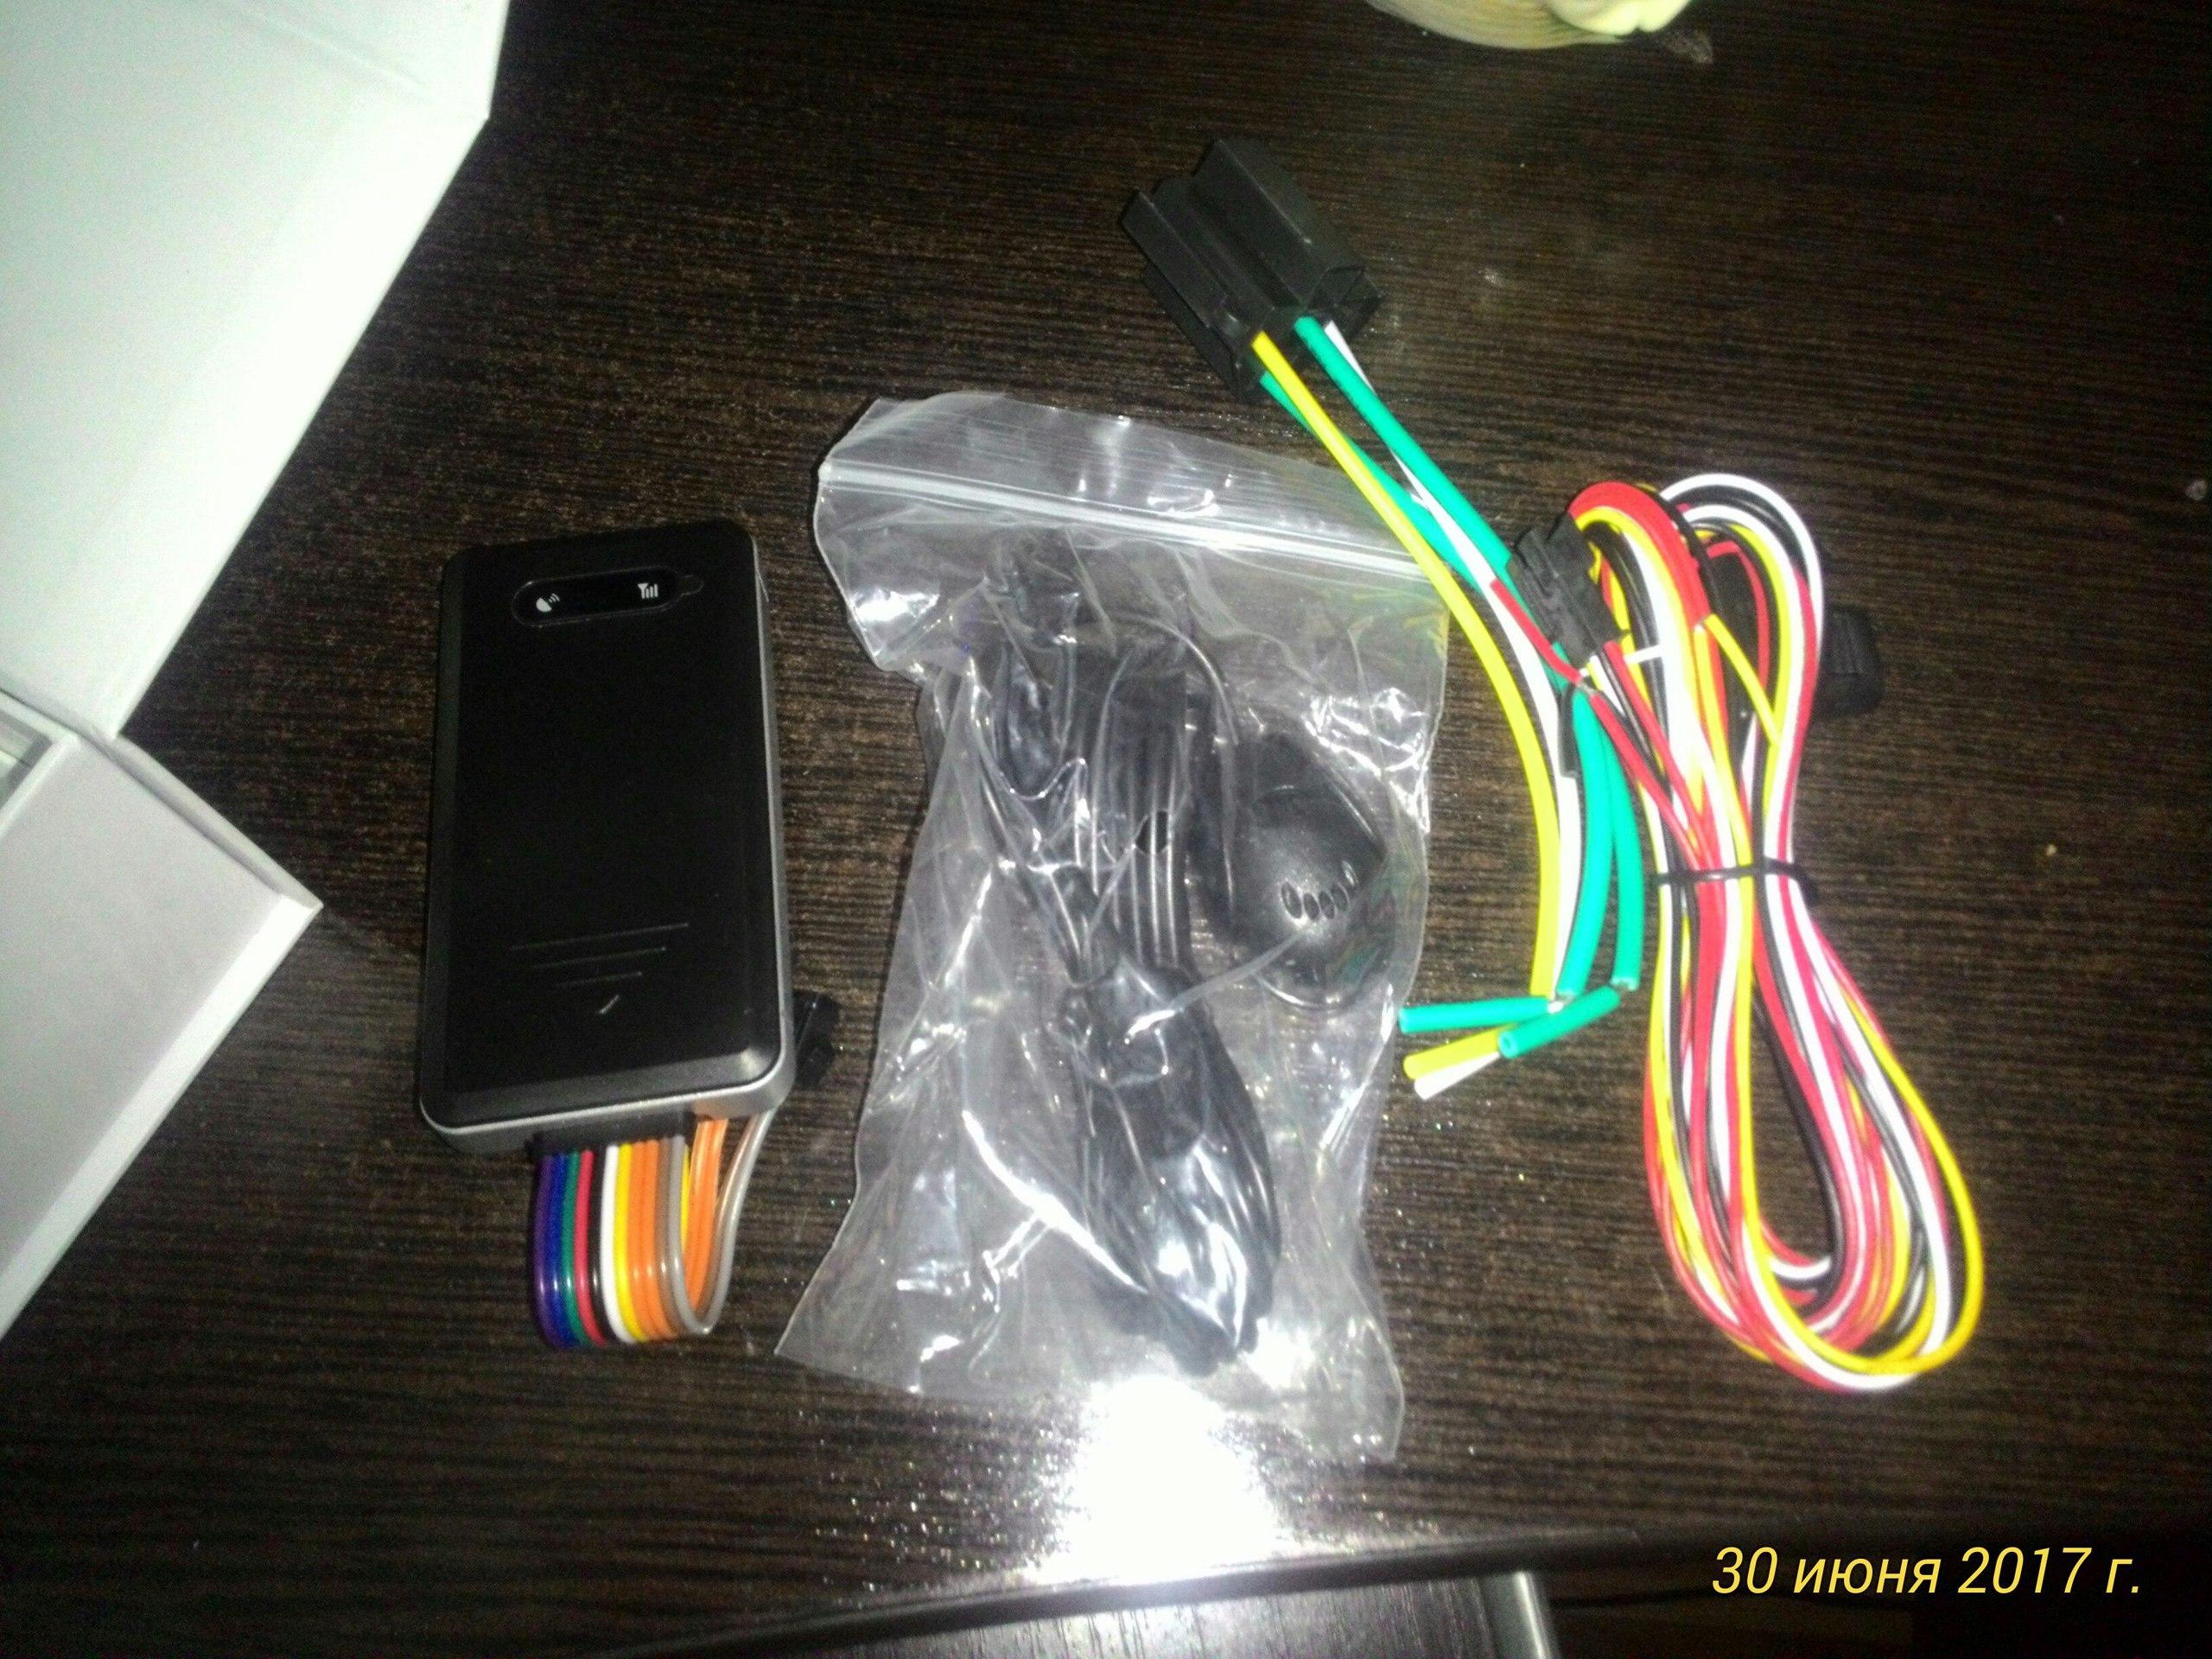 заказал себе GPS трекер С алиэкспресс доставка из Москвы Работает замечательно есть функция отключения бензонасоса кнопк